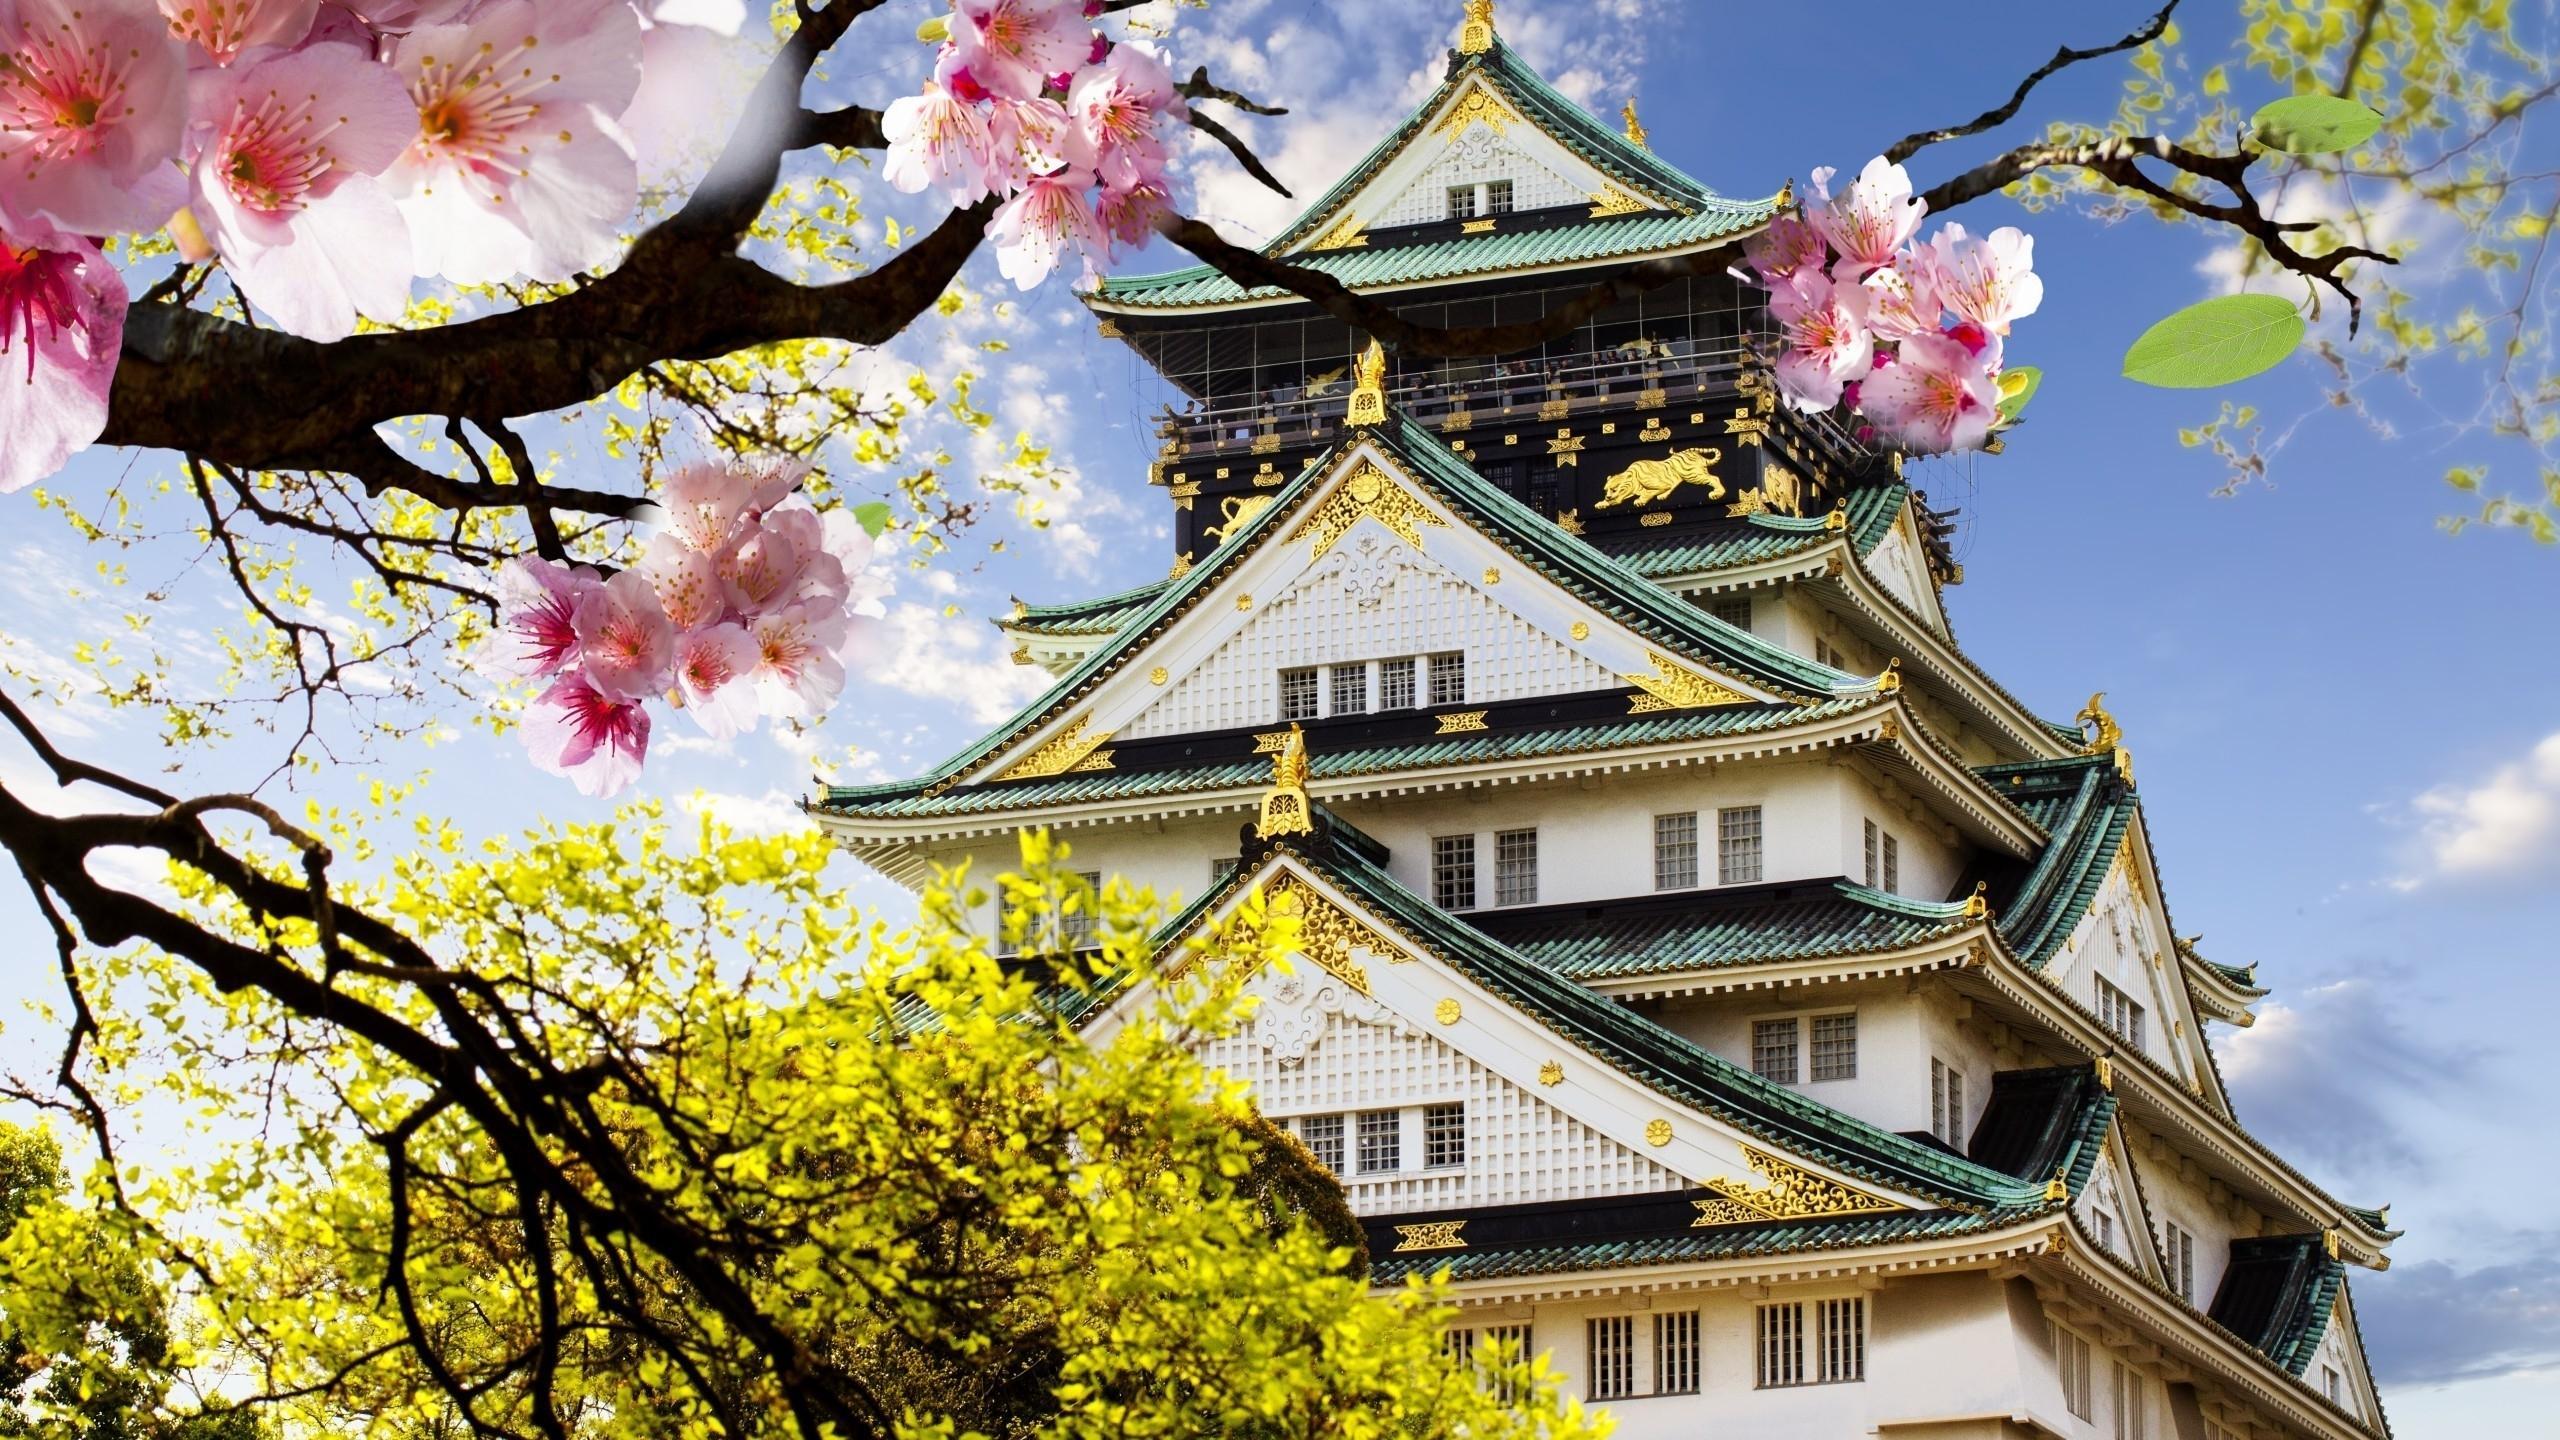 日本动漫房子图片